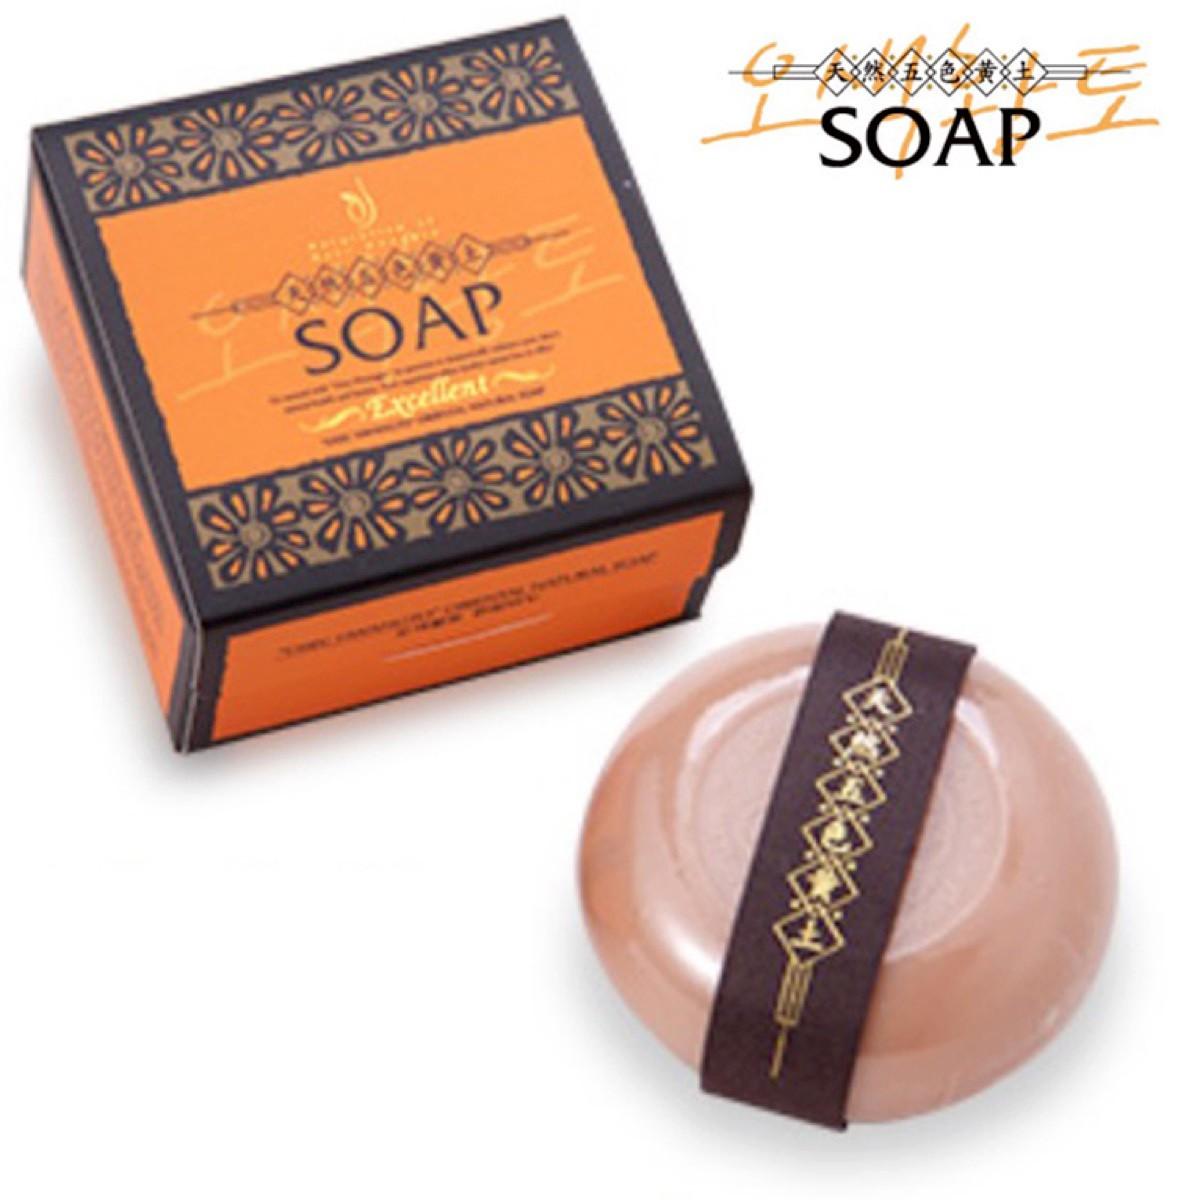 ピエラス 天然五色黄土石けん 1個 石鹸 せっけん 保湿 メイクオフ ミネラル 酵素 洗顔 シルク 110g Pieras (SG)